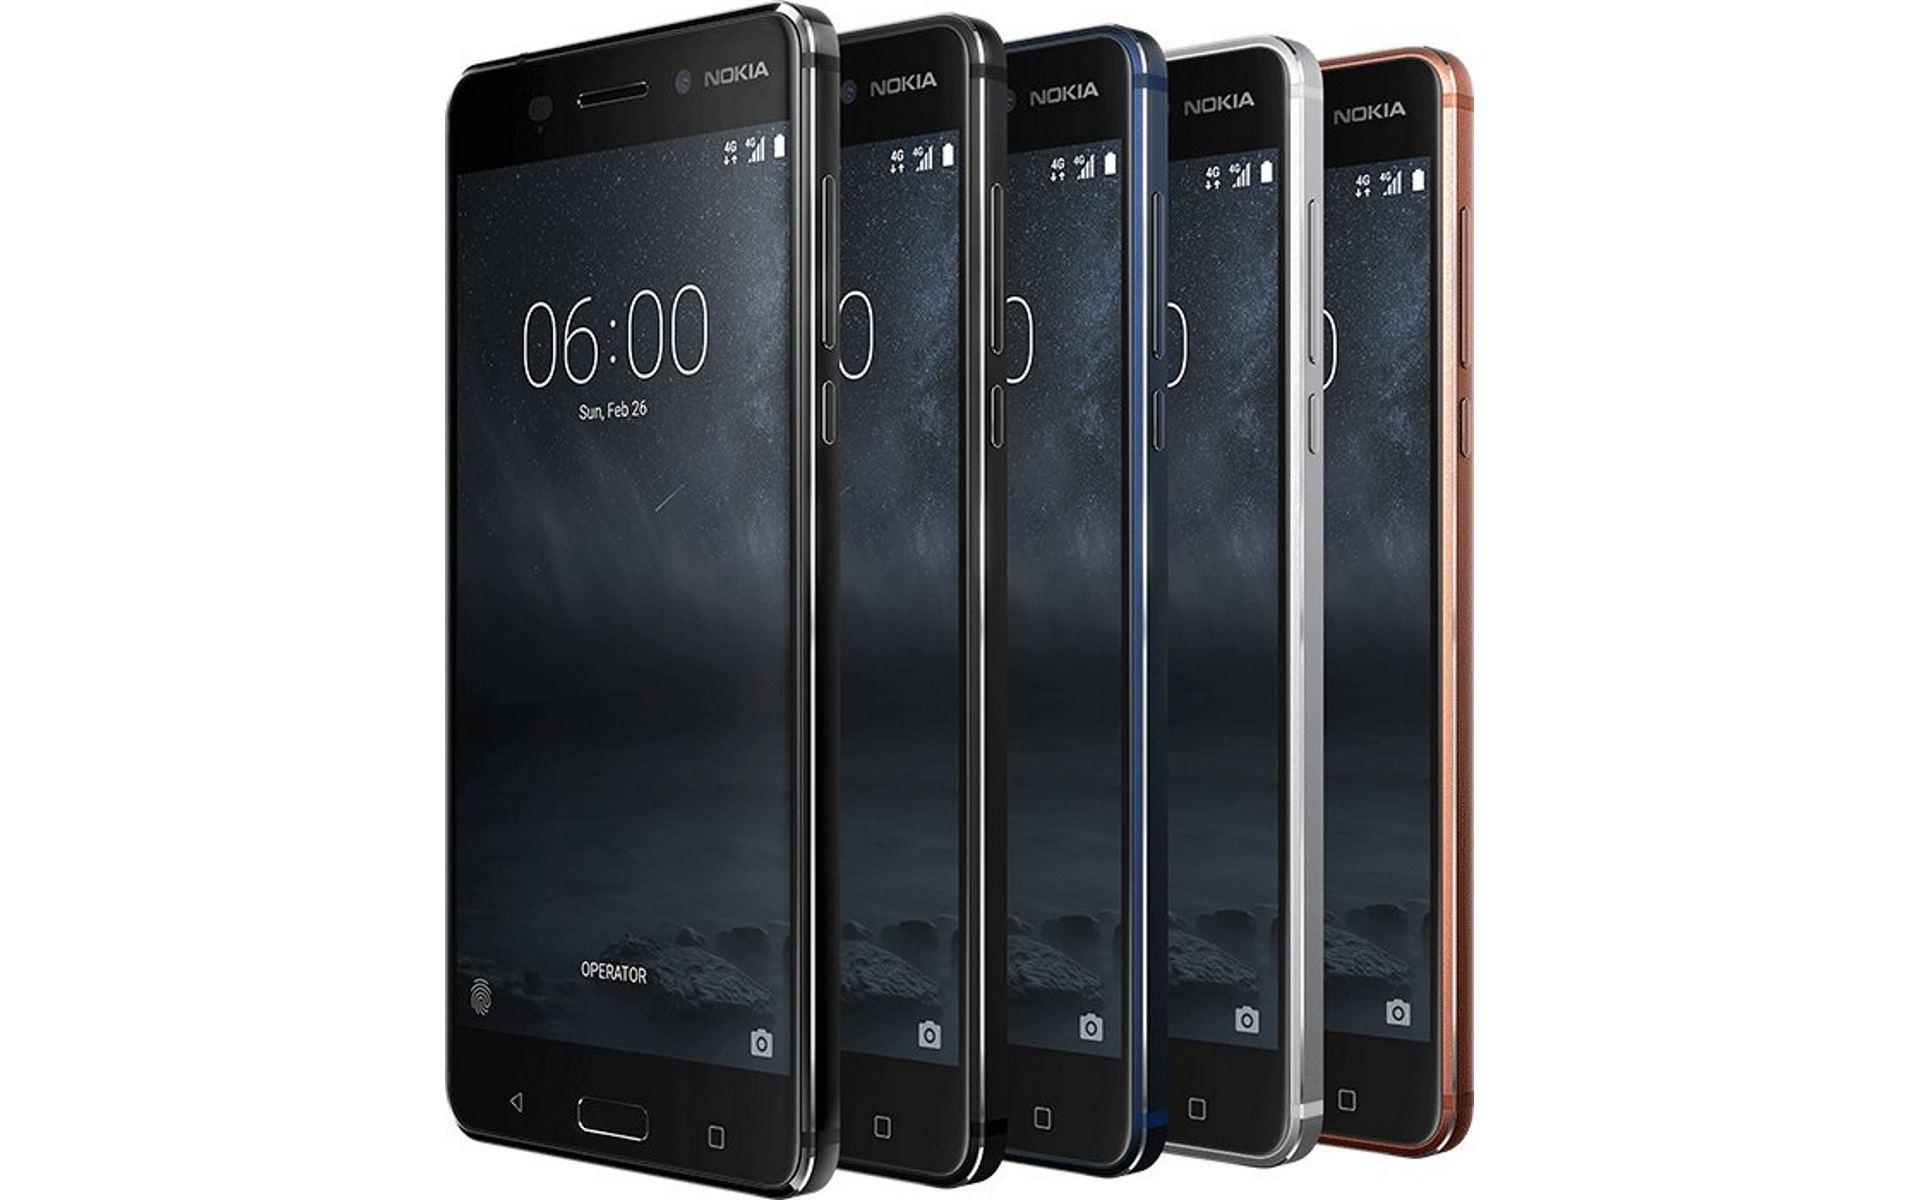 نگاهی نزدیک به گوشی خوش قیمت نوکیا ۵ (Nokia 5)